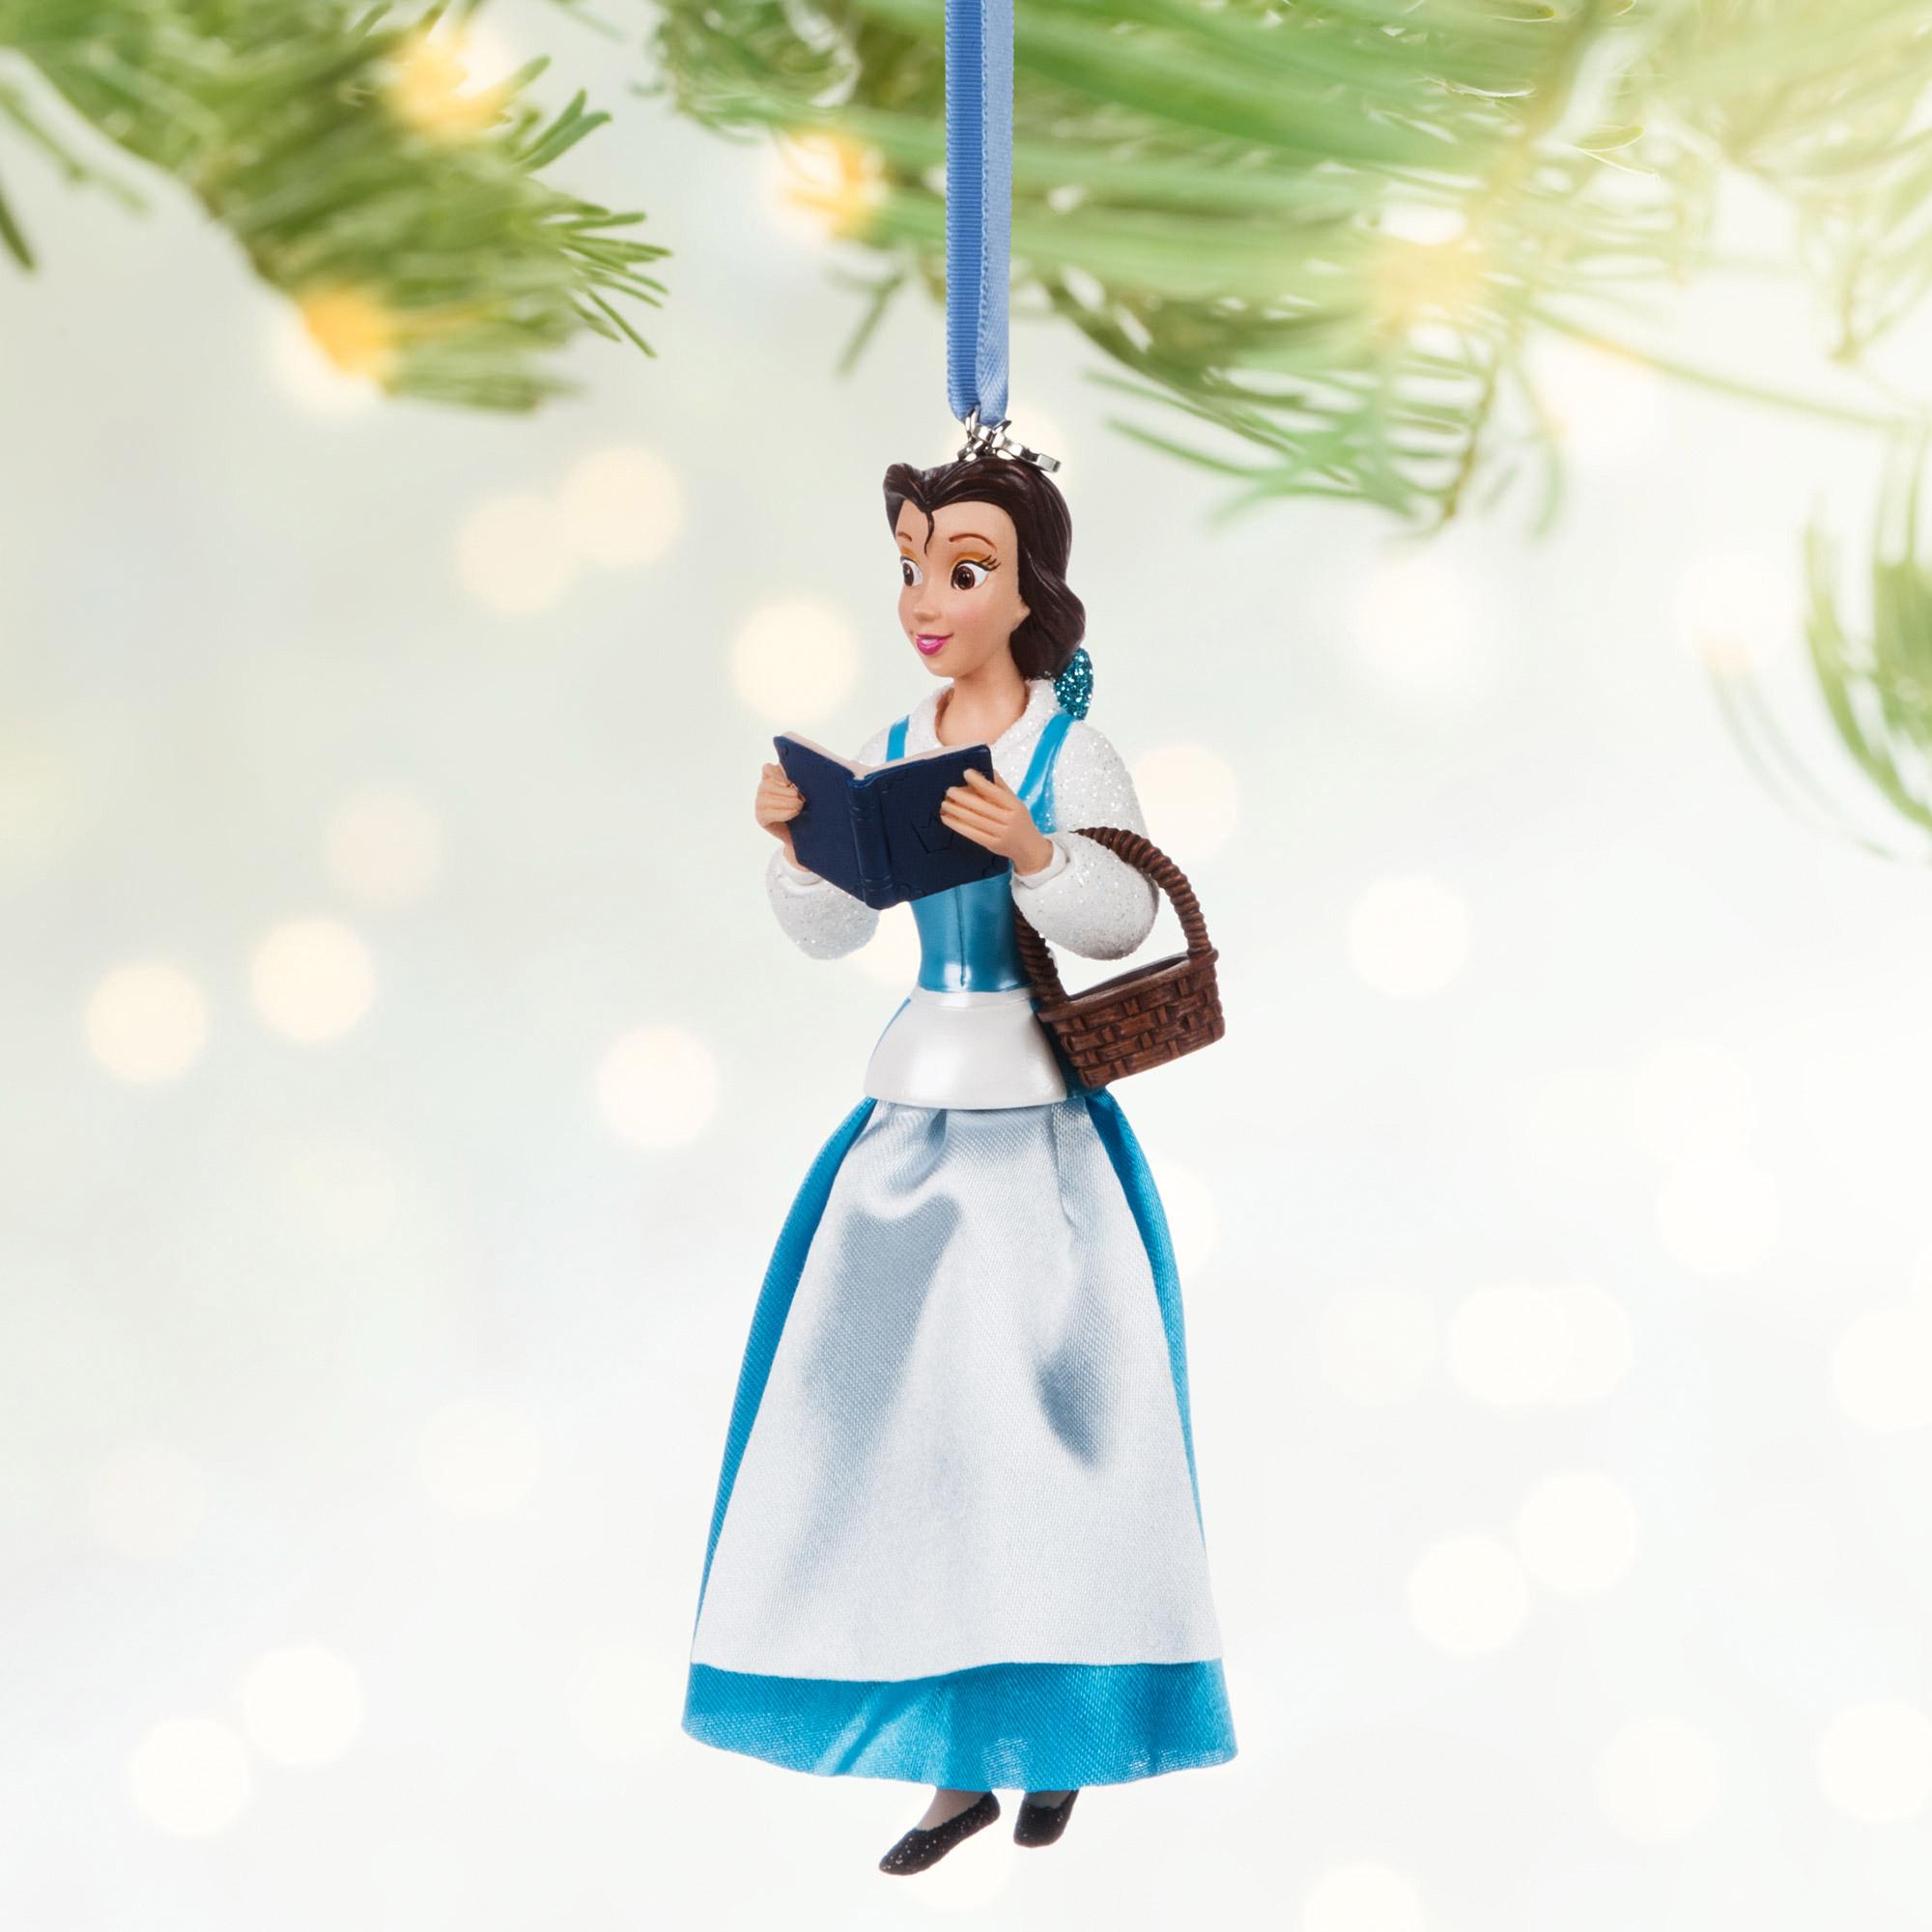 Belle ornament disney - Full Resolution